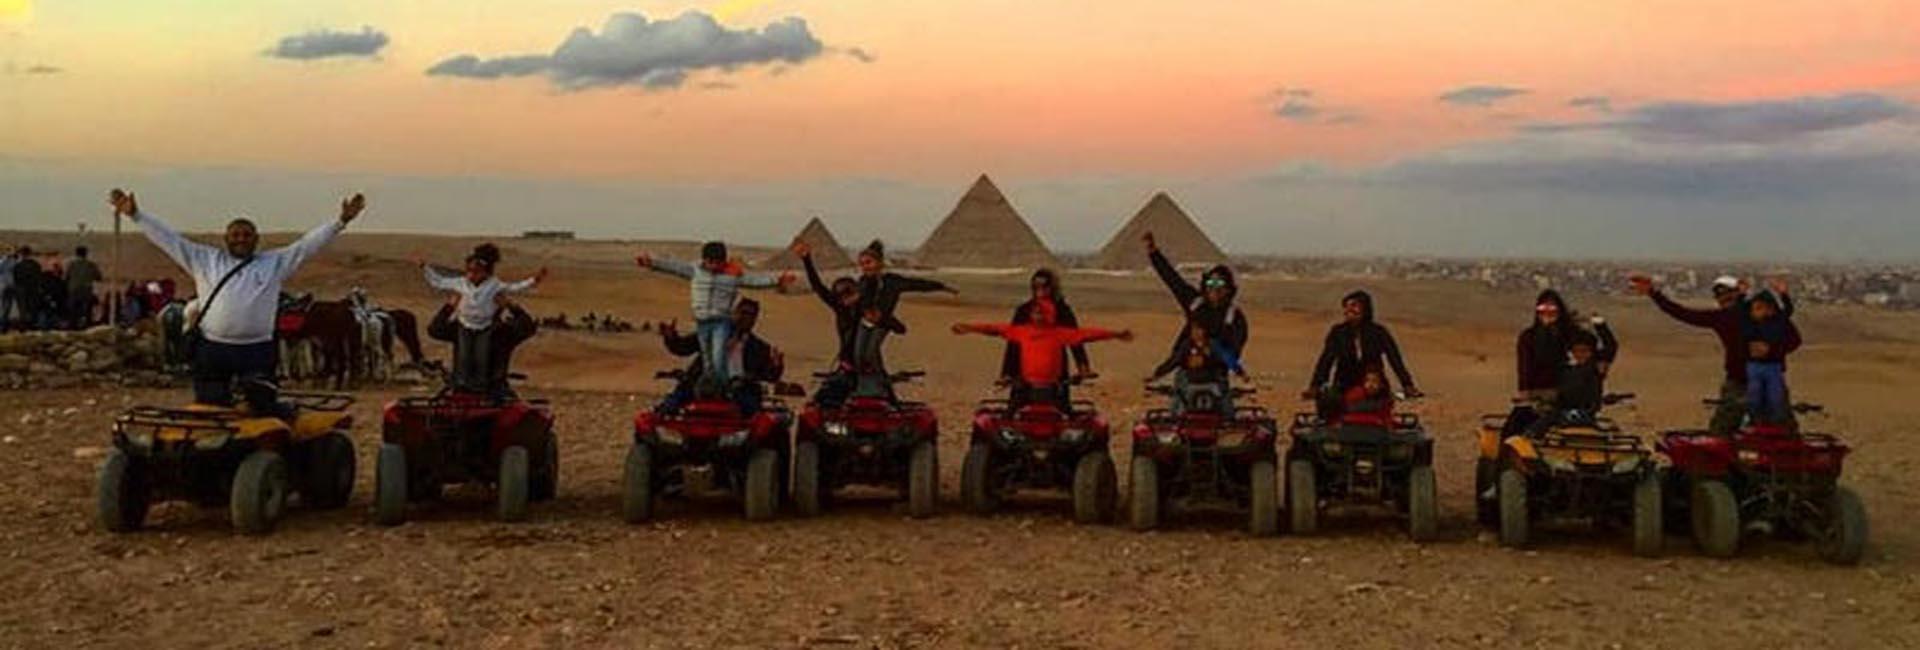 Pyramids Quad Bike